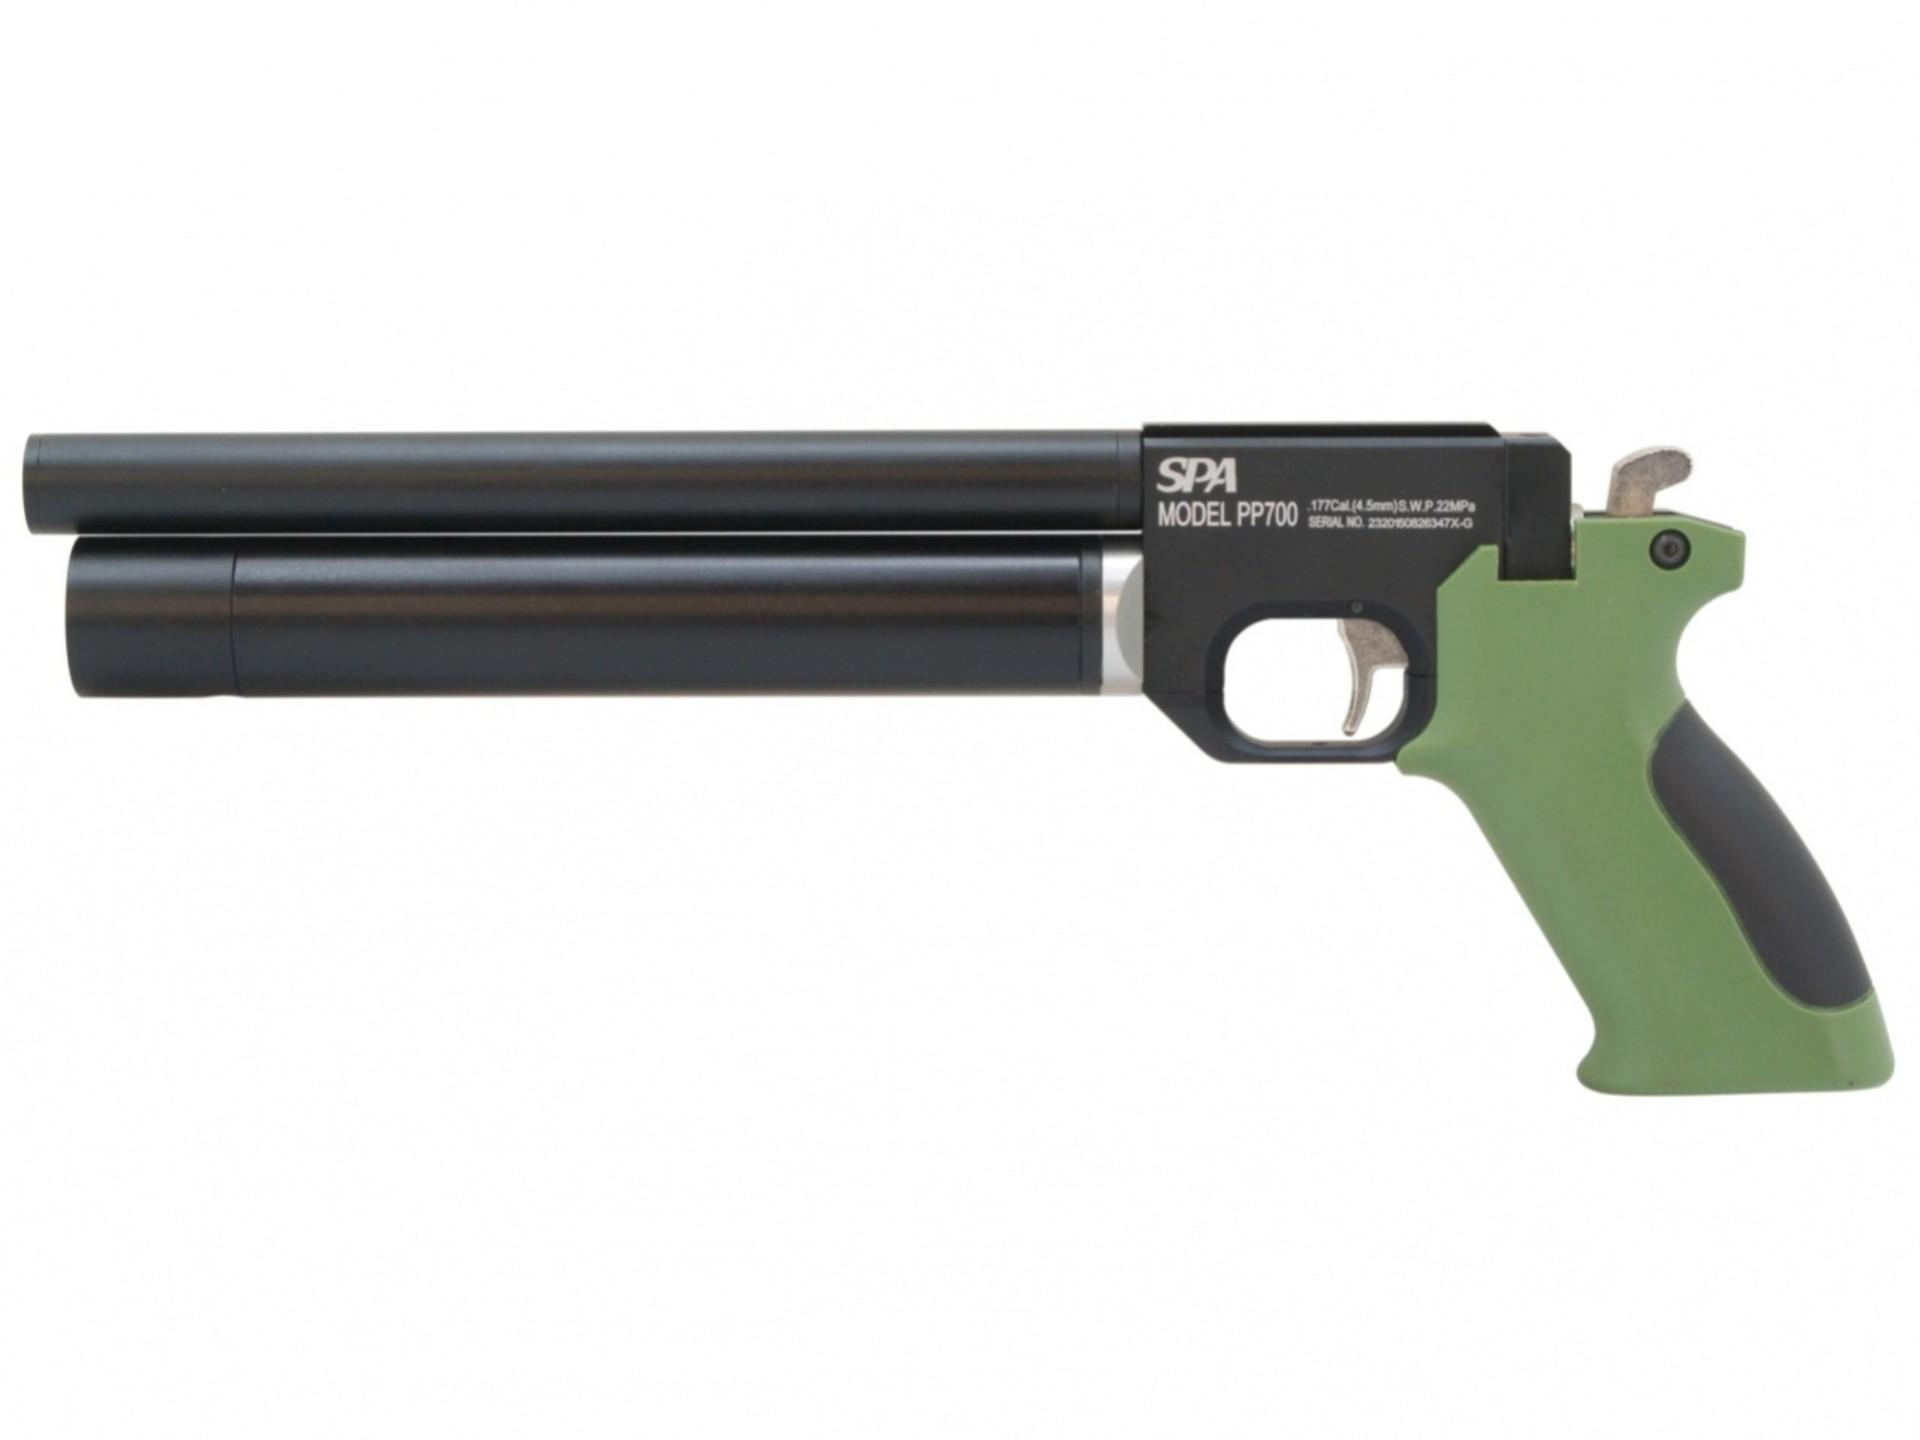 Masywnie Wiatrówka pistolet SPA Artemis PP700W kal.5,5mm | Colosus.pl TG92